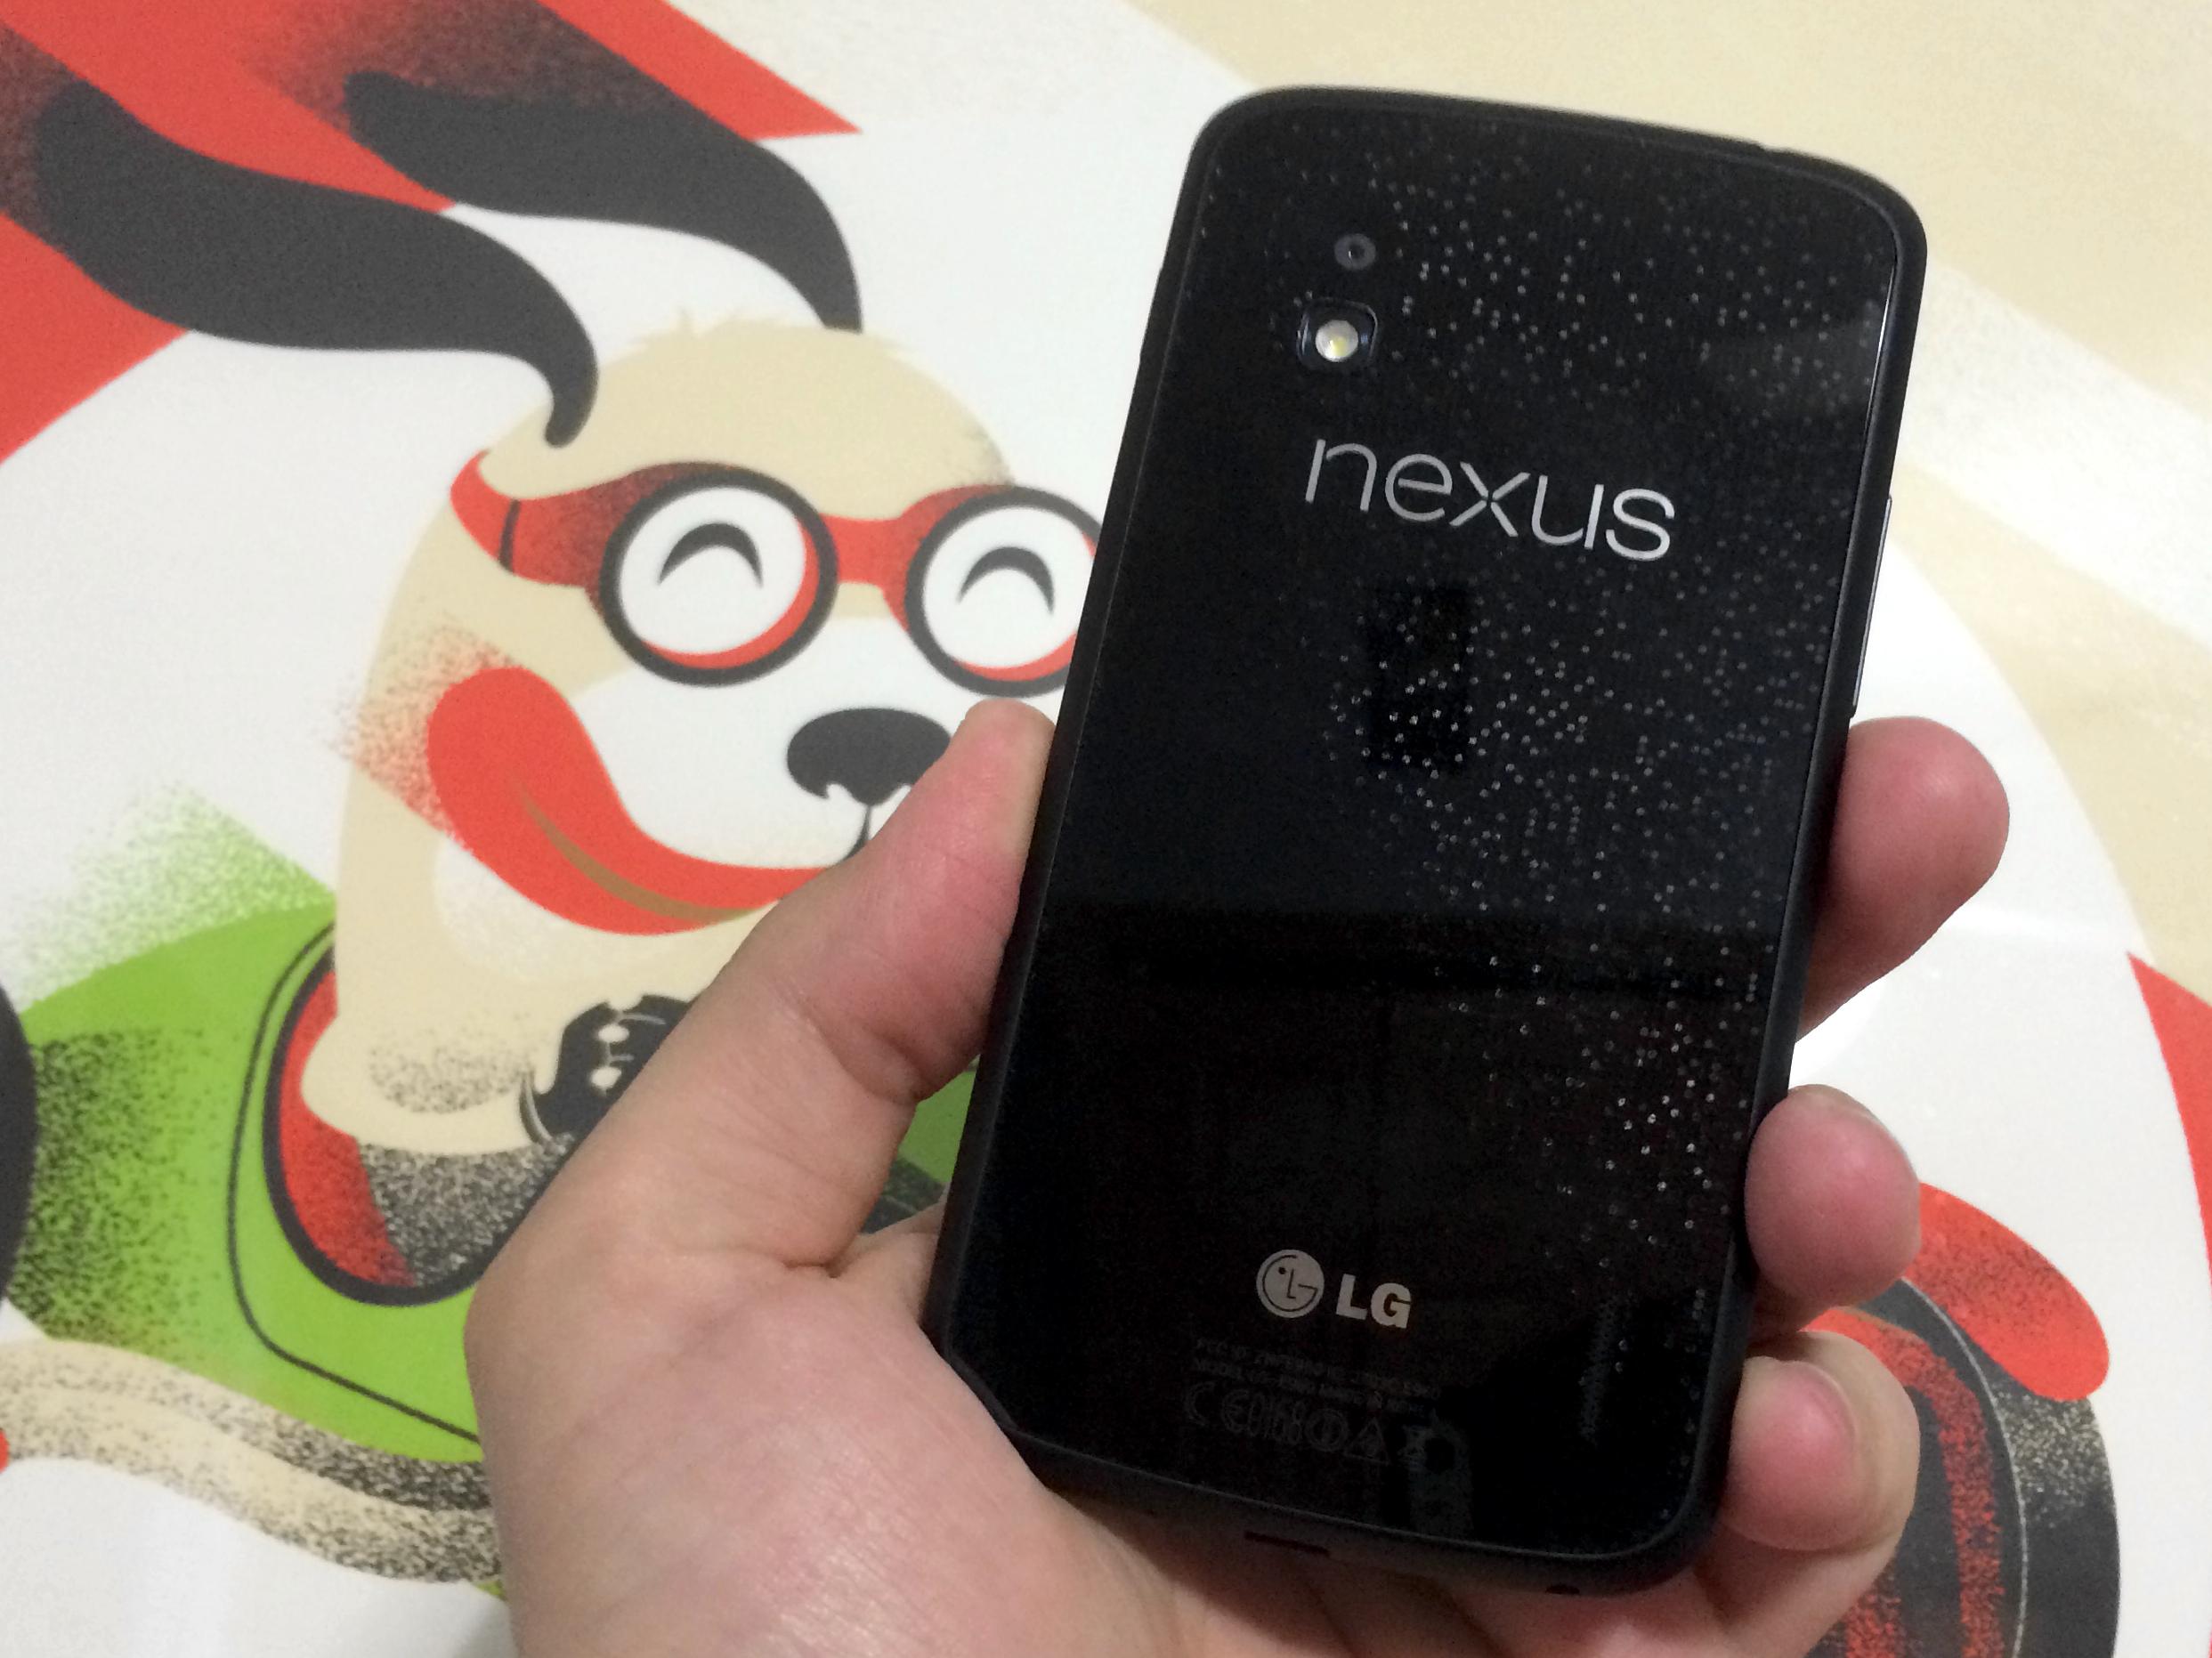 Nexus 4 kör Android 4.4.4 KitKat smidigt, även om telefonen är över ett år gammal.